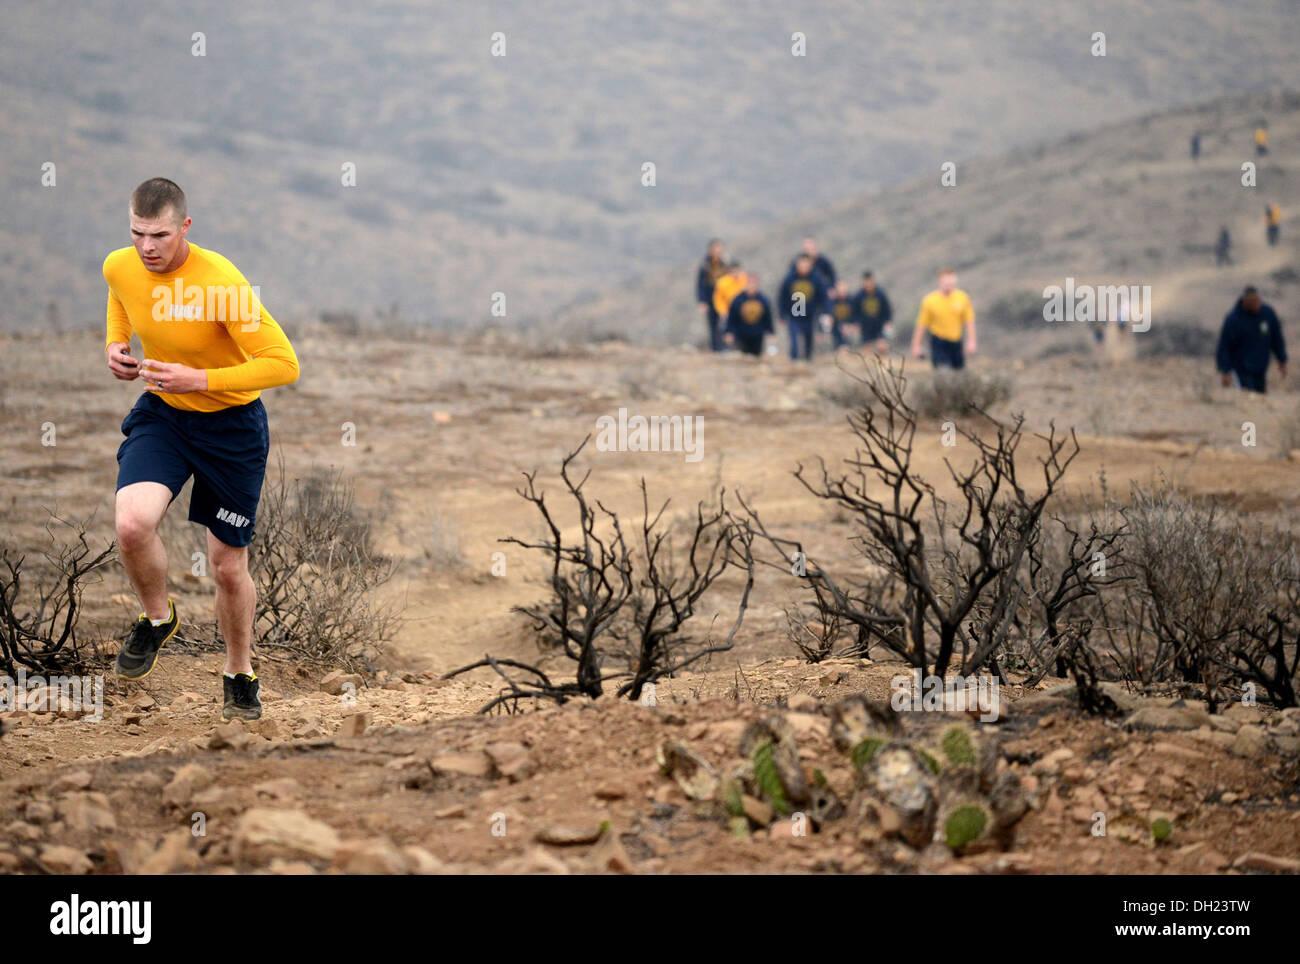 Baumeister 2. Klasse Clinton Howell, aus Shelbyville, Texas, Wanderungen die Chumash Spur während körperliches Stockbild